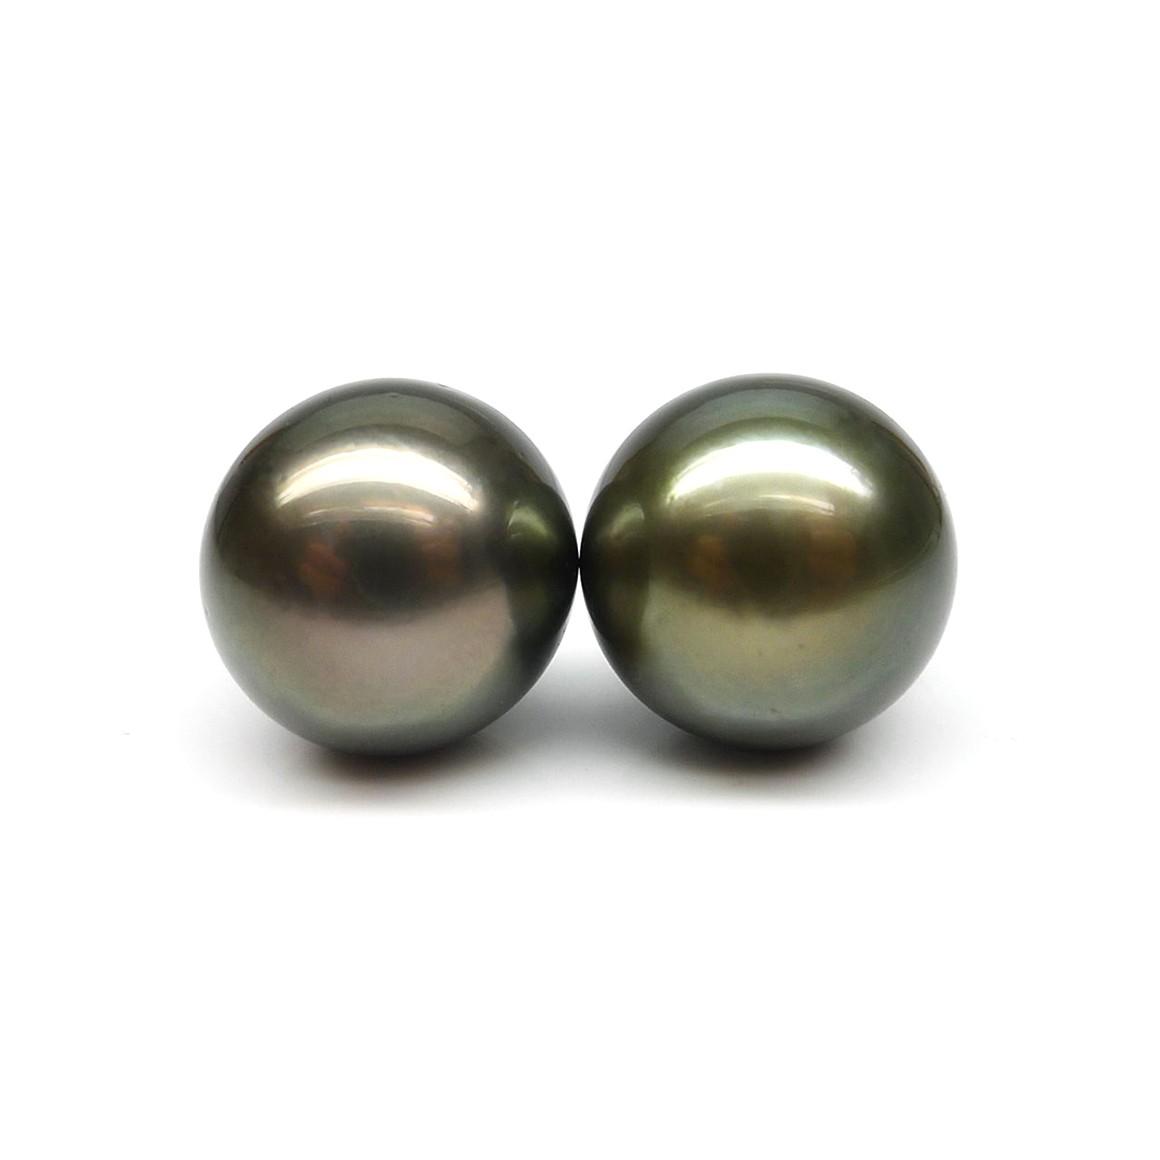 9.18 & 9.19 Carat Tahitian Loose Dark Grey Pearls (Moti) Pair